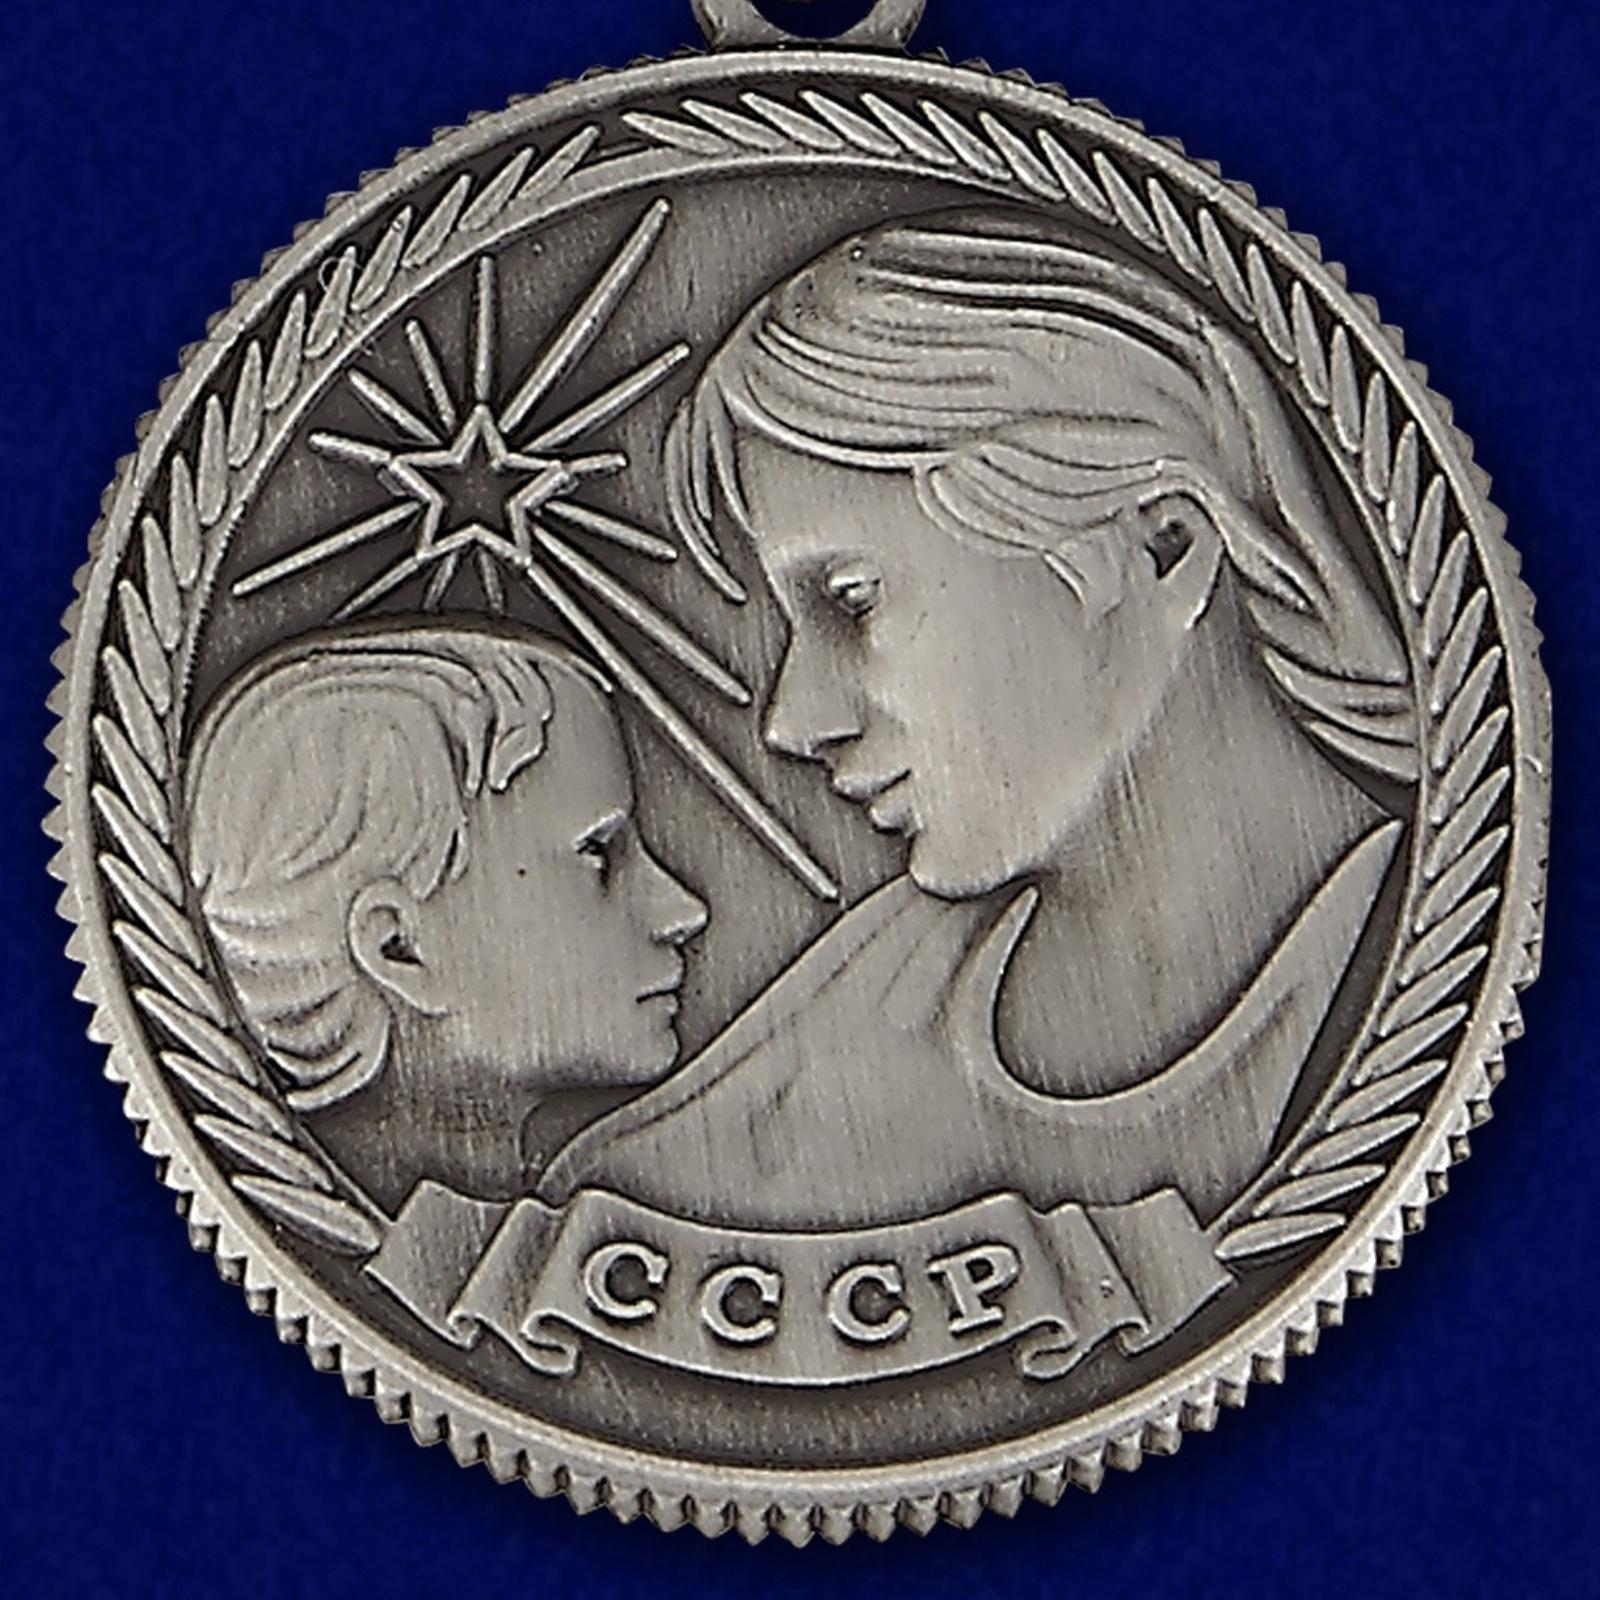 Медаль Материнства СССР 1 степени